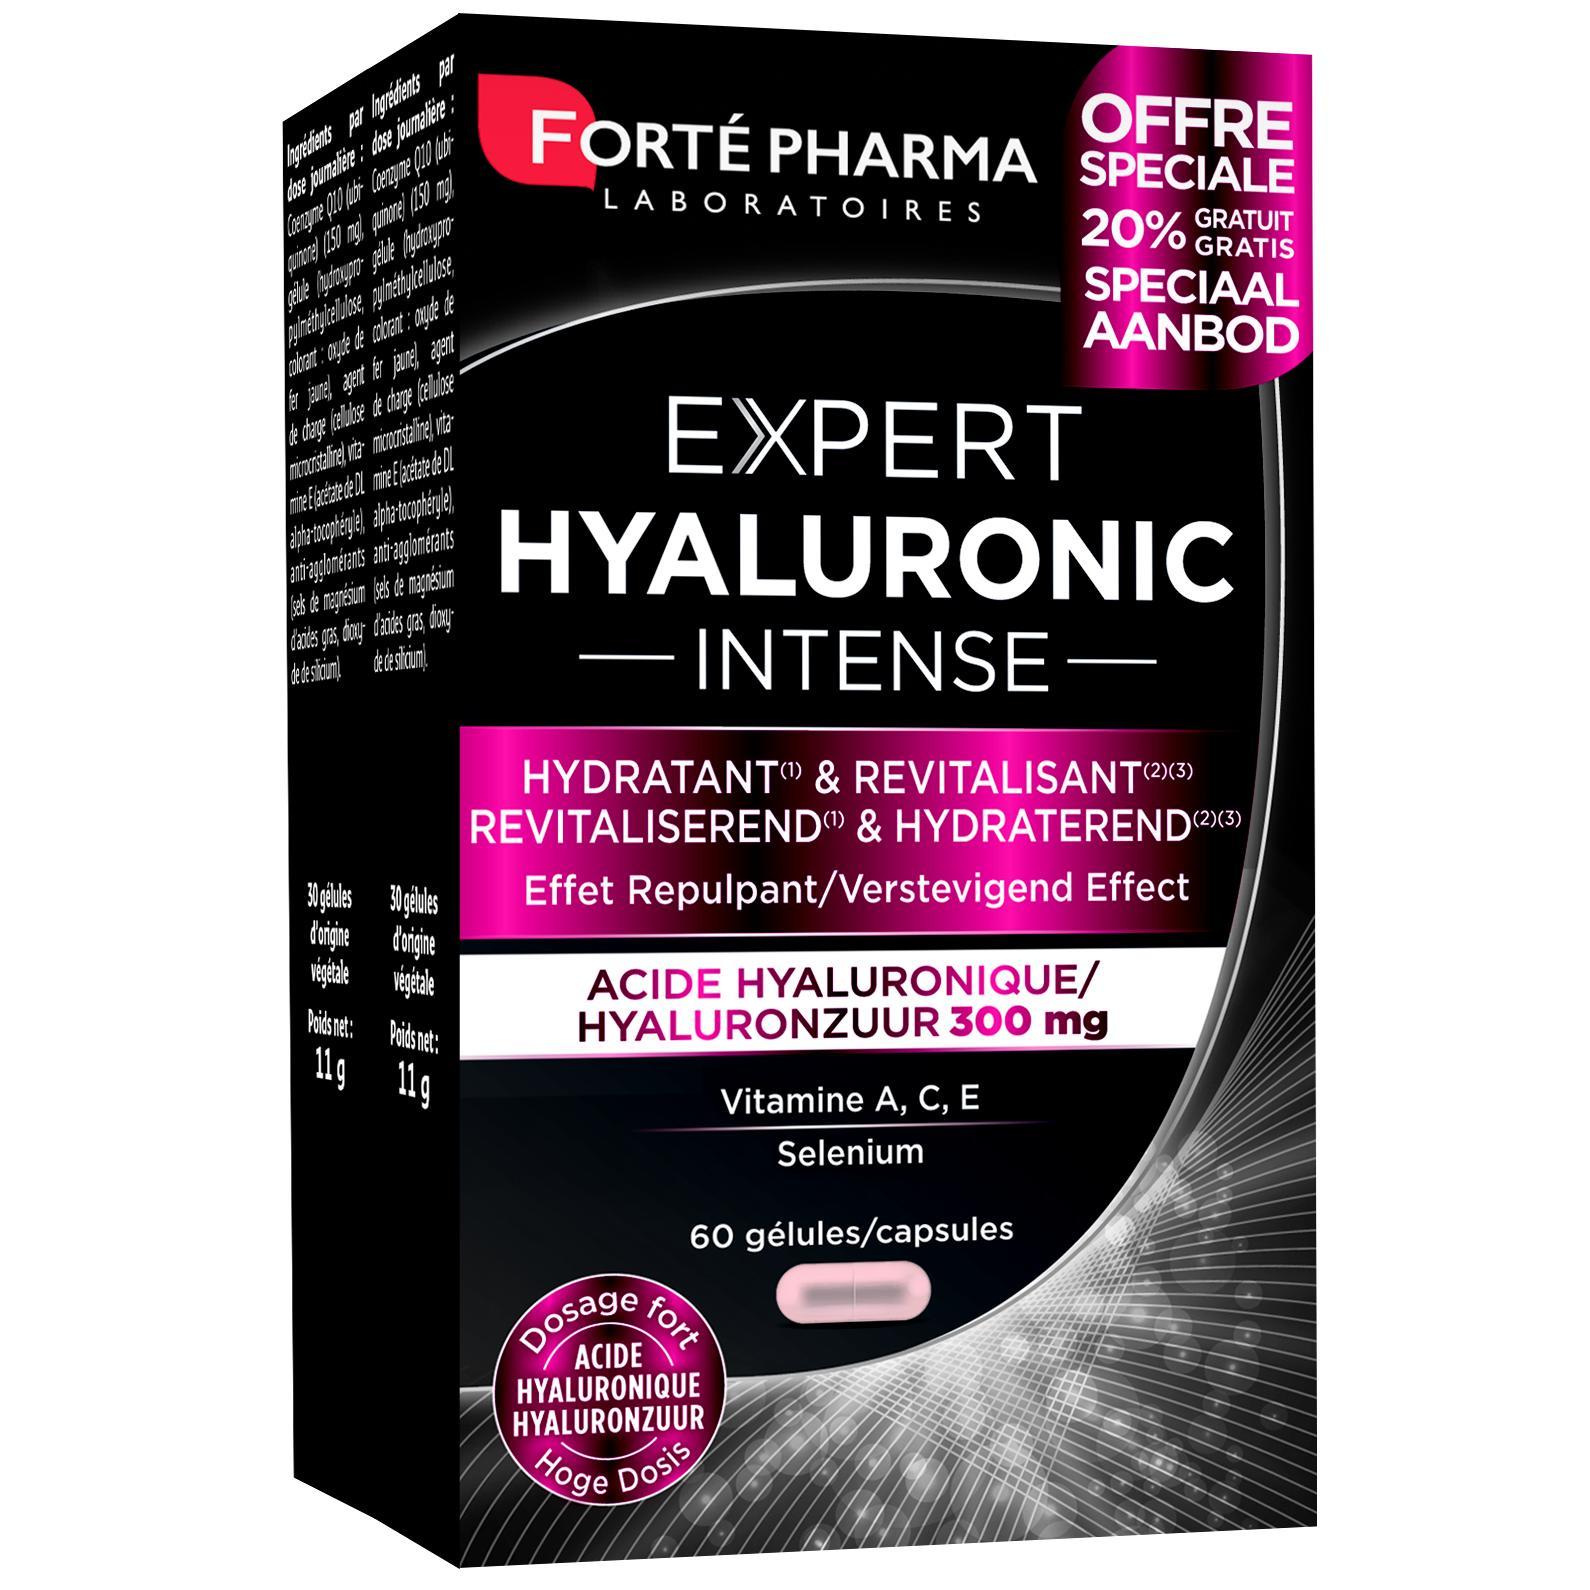 Forté Pharma Expert Hyaluronic Intense